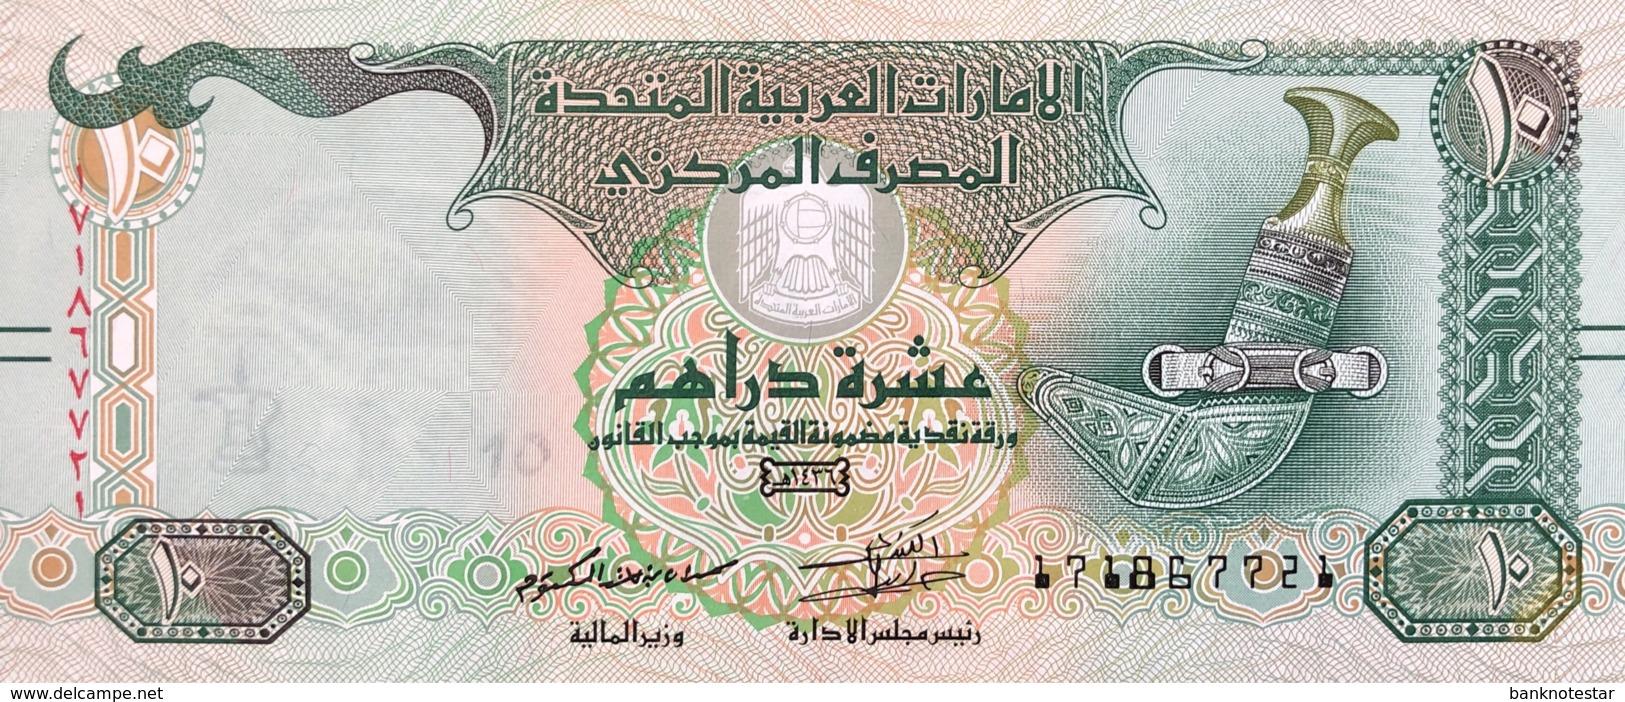 United Arab Emirates 10 Dirham, P-27 (2015) - UNC - Emirats Arabes Unis